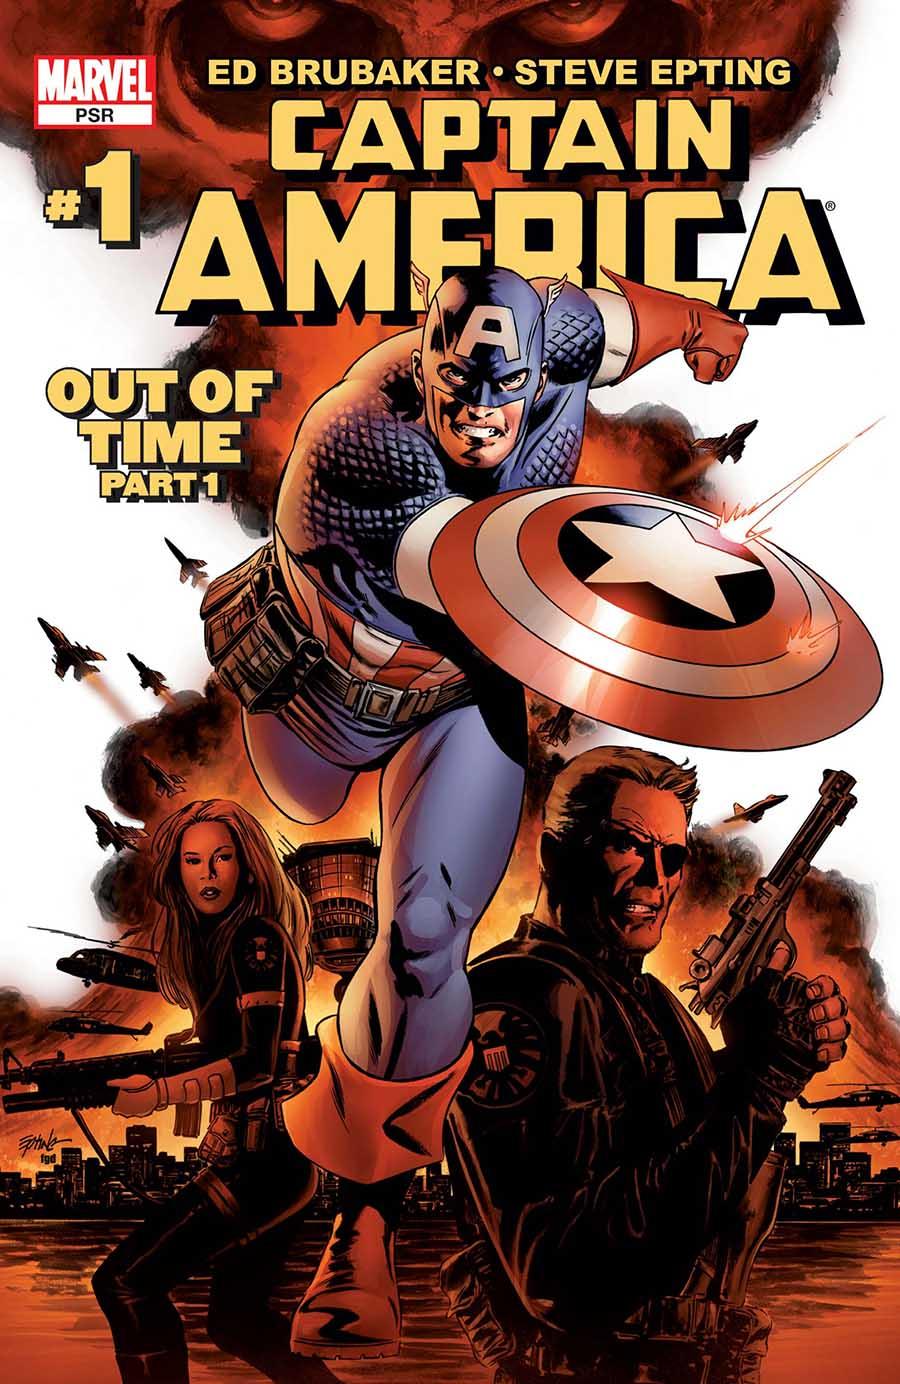 Captain America (Ed Brubaker)